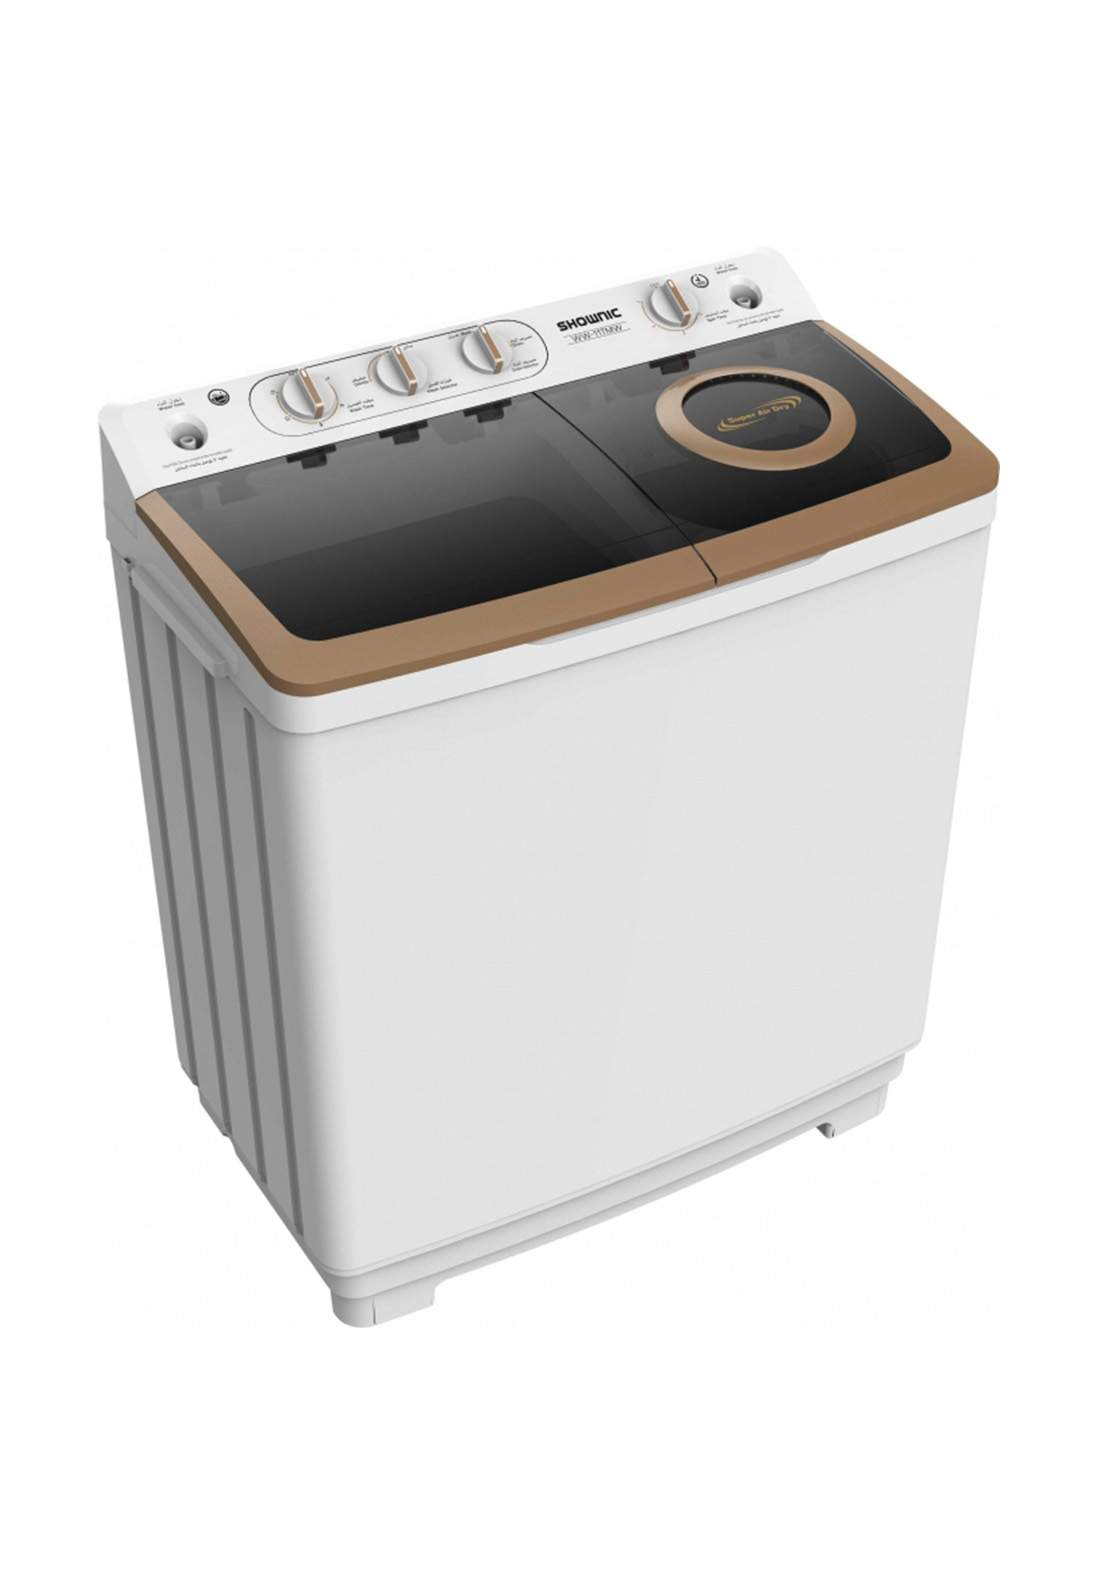 ShownicWW-11TMW  Washer, twin tub size 11 kg غسالة حوضين